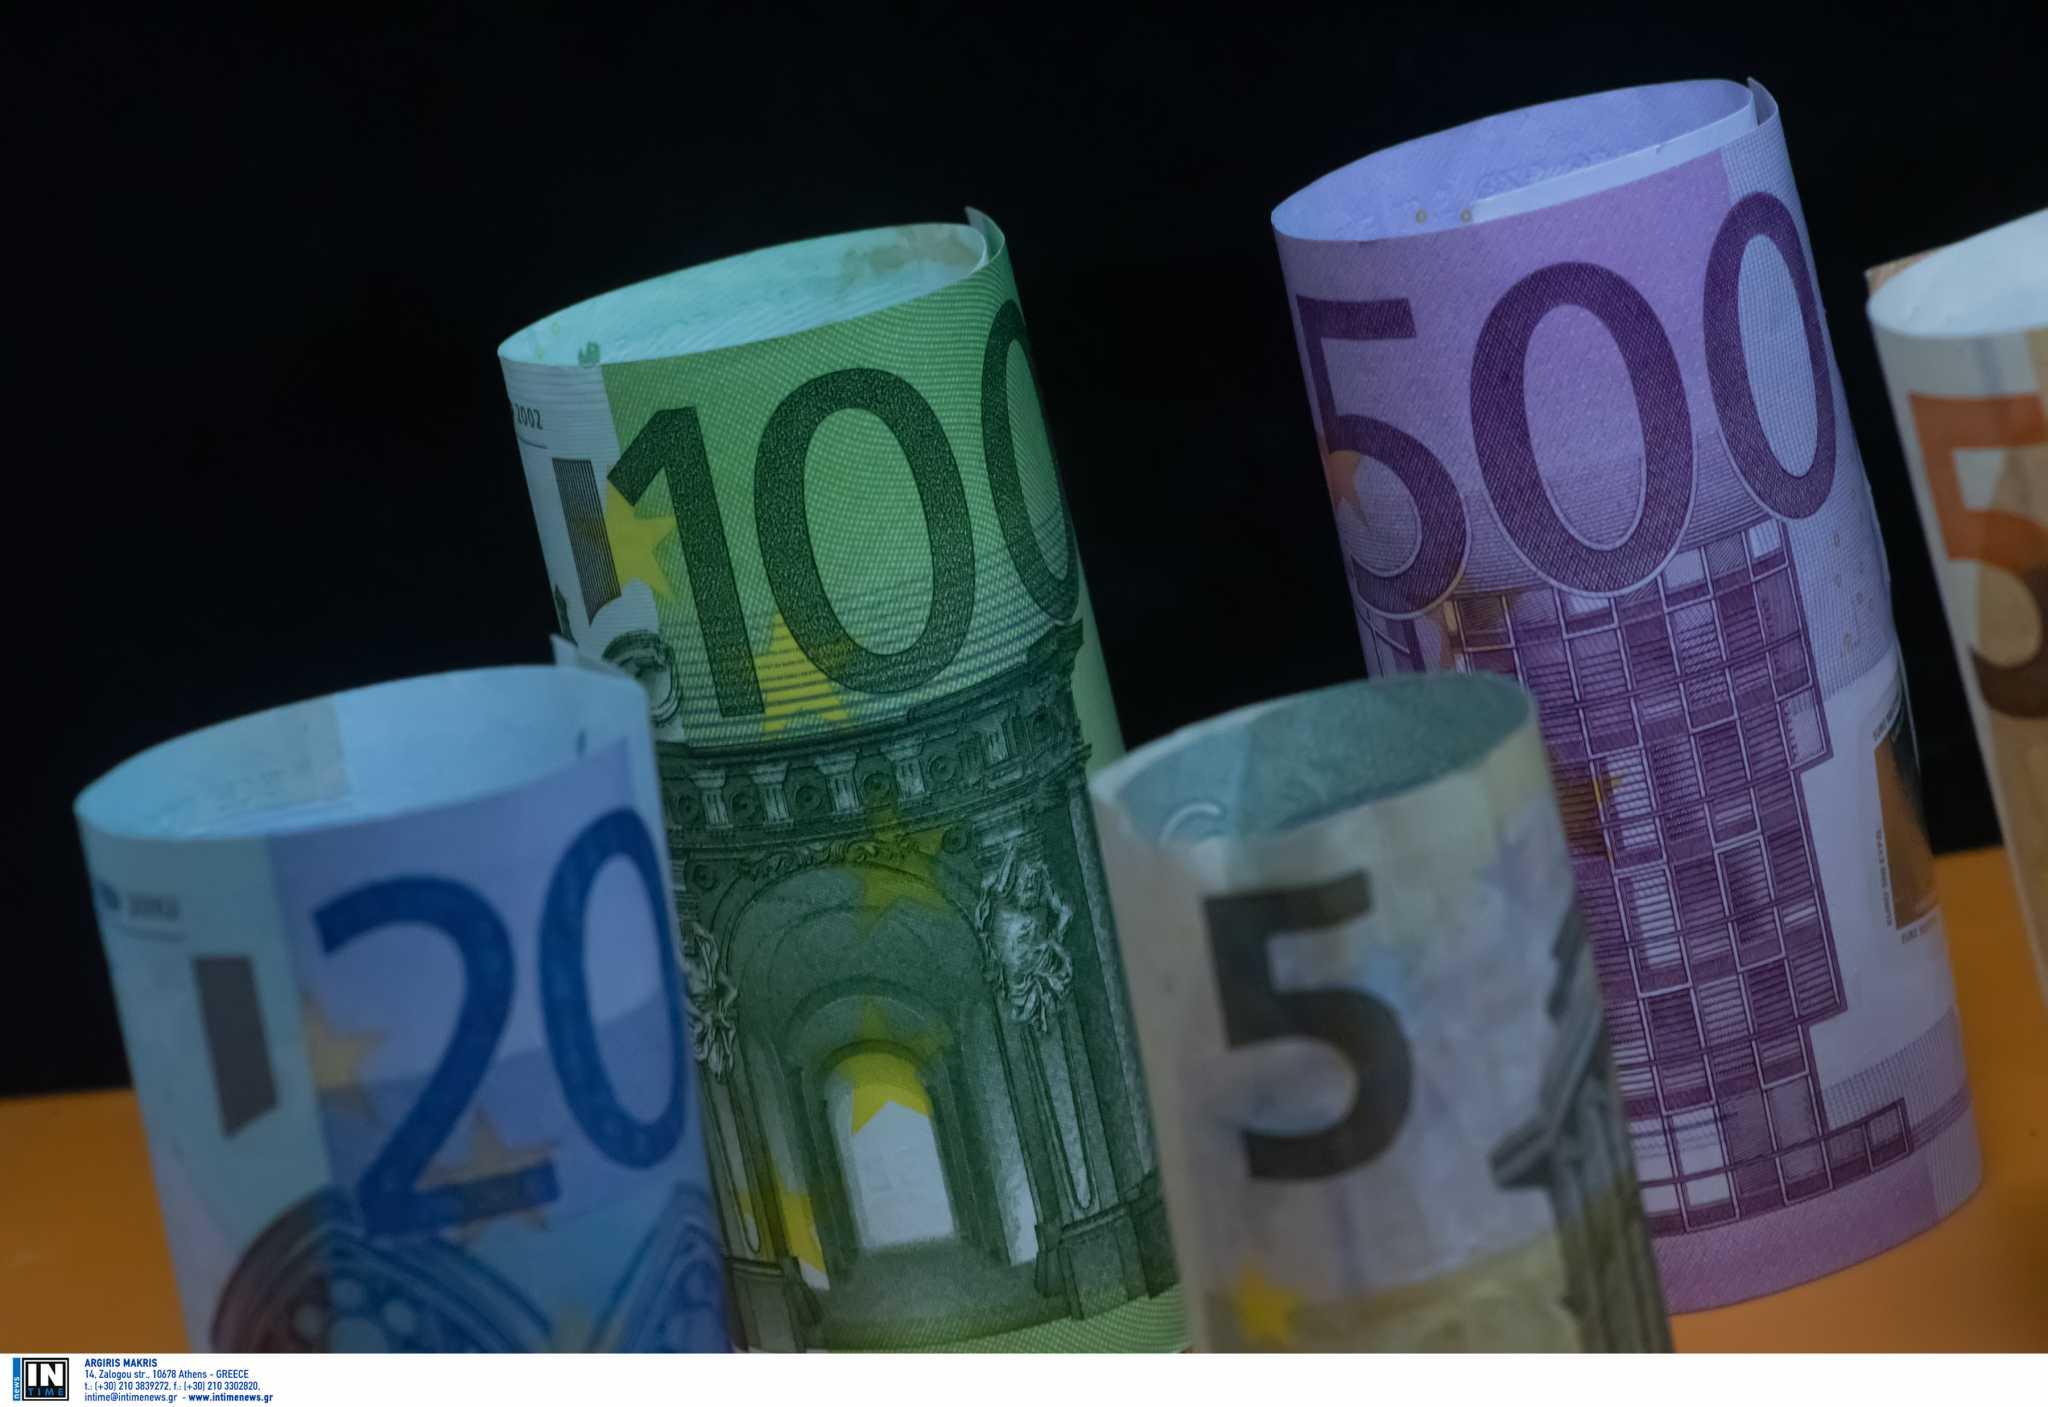 Αποζημίωση ειδικού σκοπού: Ποιες πληρωμές γίνονται την Τρίτη